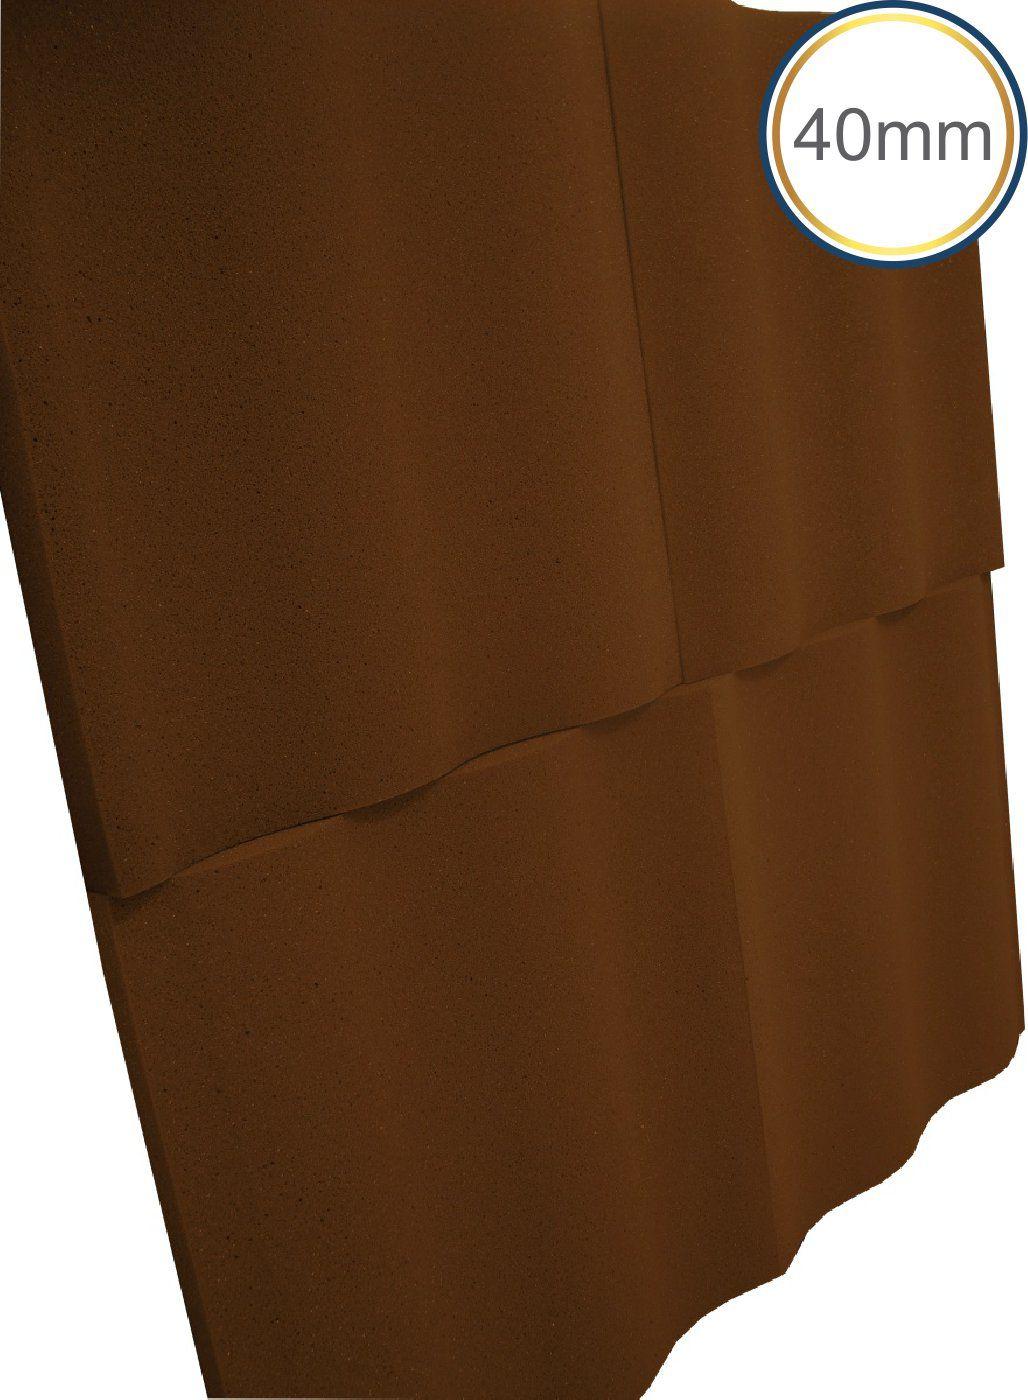 Espuma Acústica - REV - SS - Colorida Pigmentada - Kit 4 peças (1m²)  - Loja SPL Acústica